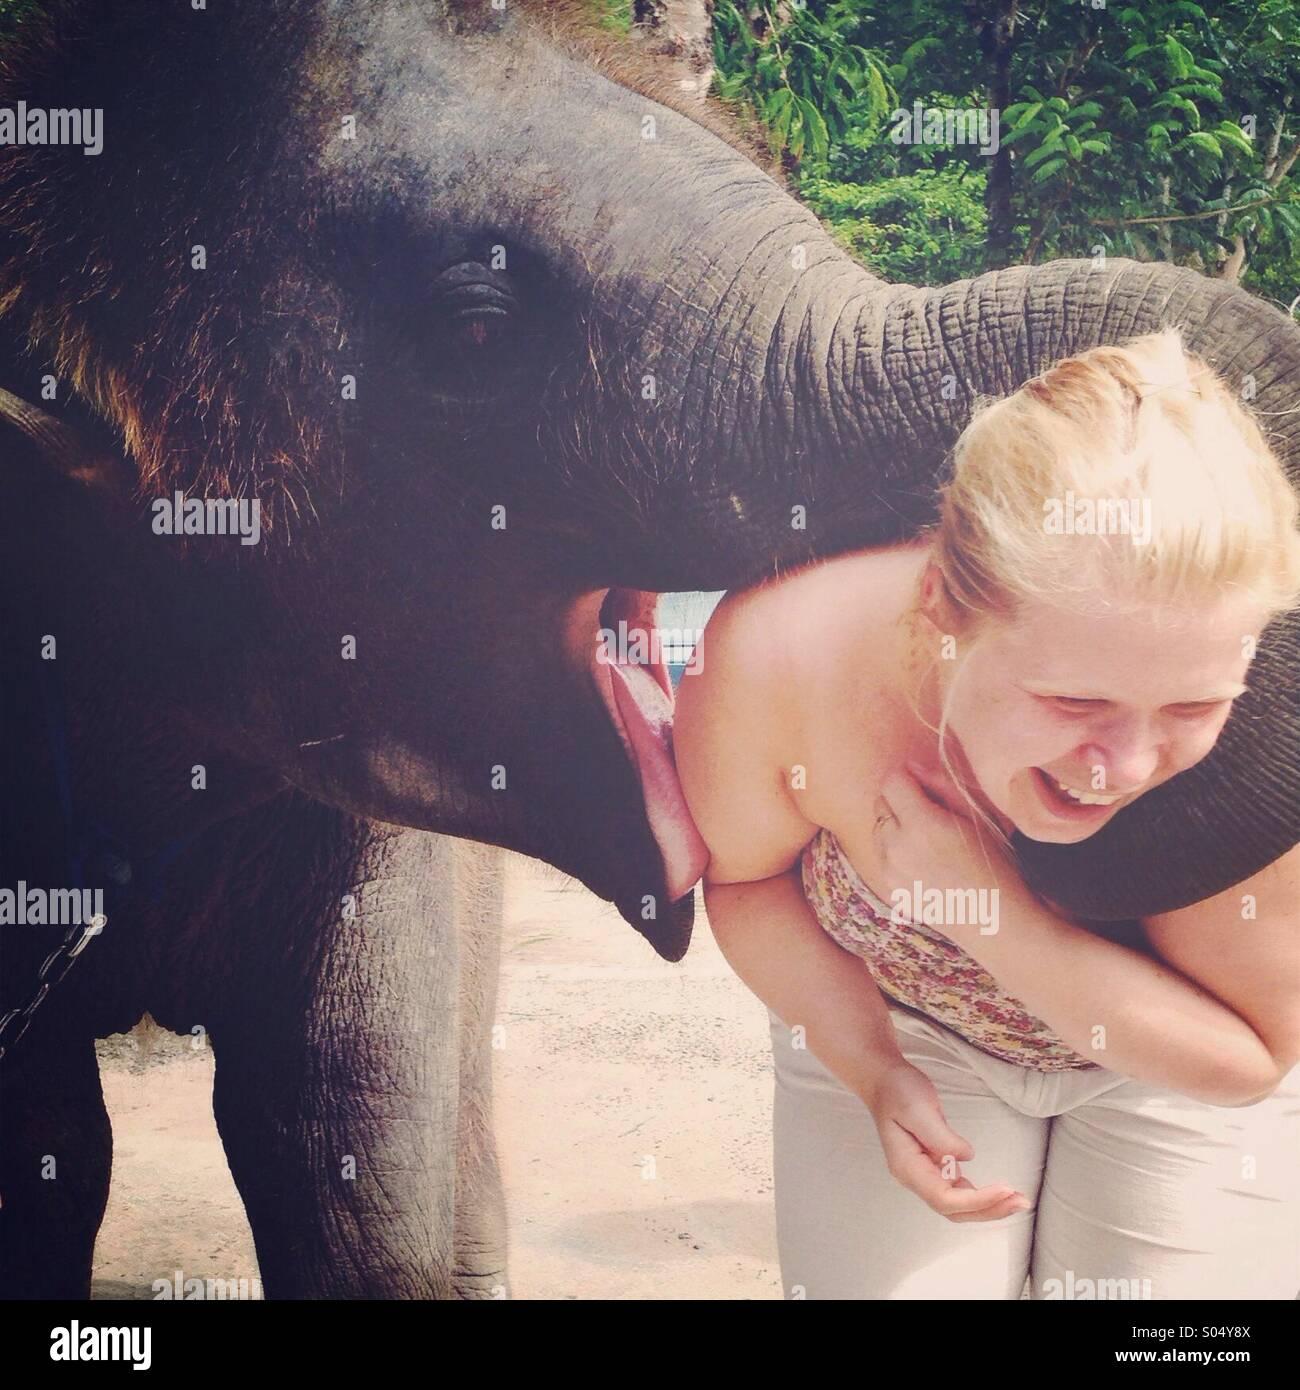 Femme d'être embrassé par un éléphant Photo Stock